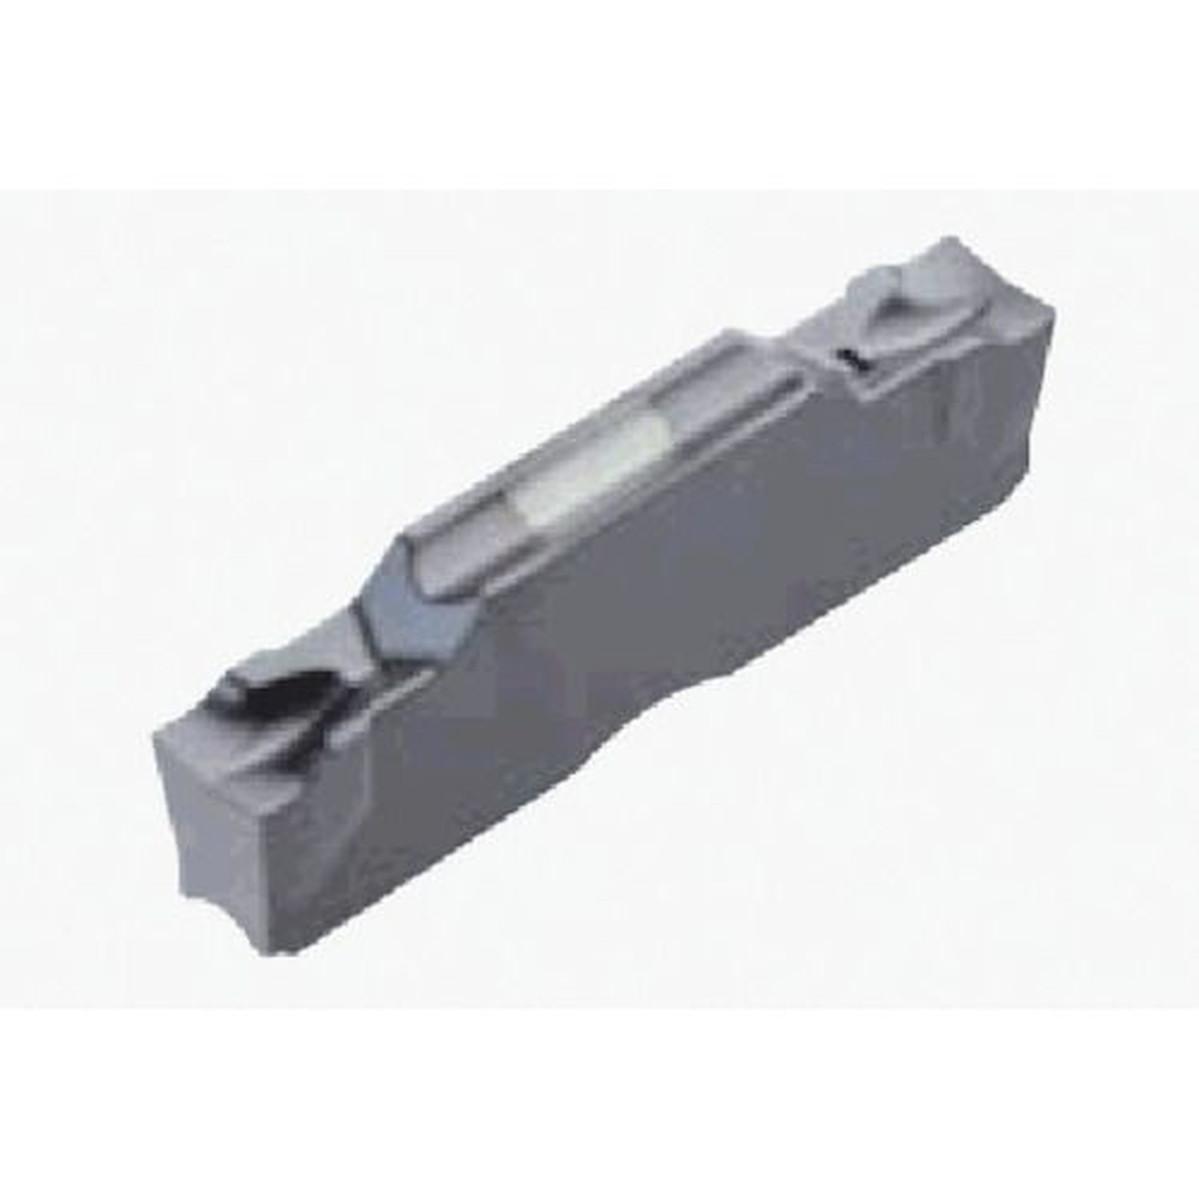 タンガロイ 旋削用溝入れTACチップ AH725 10個 (DGS2-002-15L)